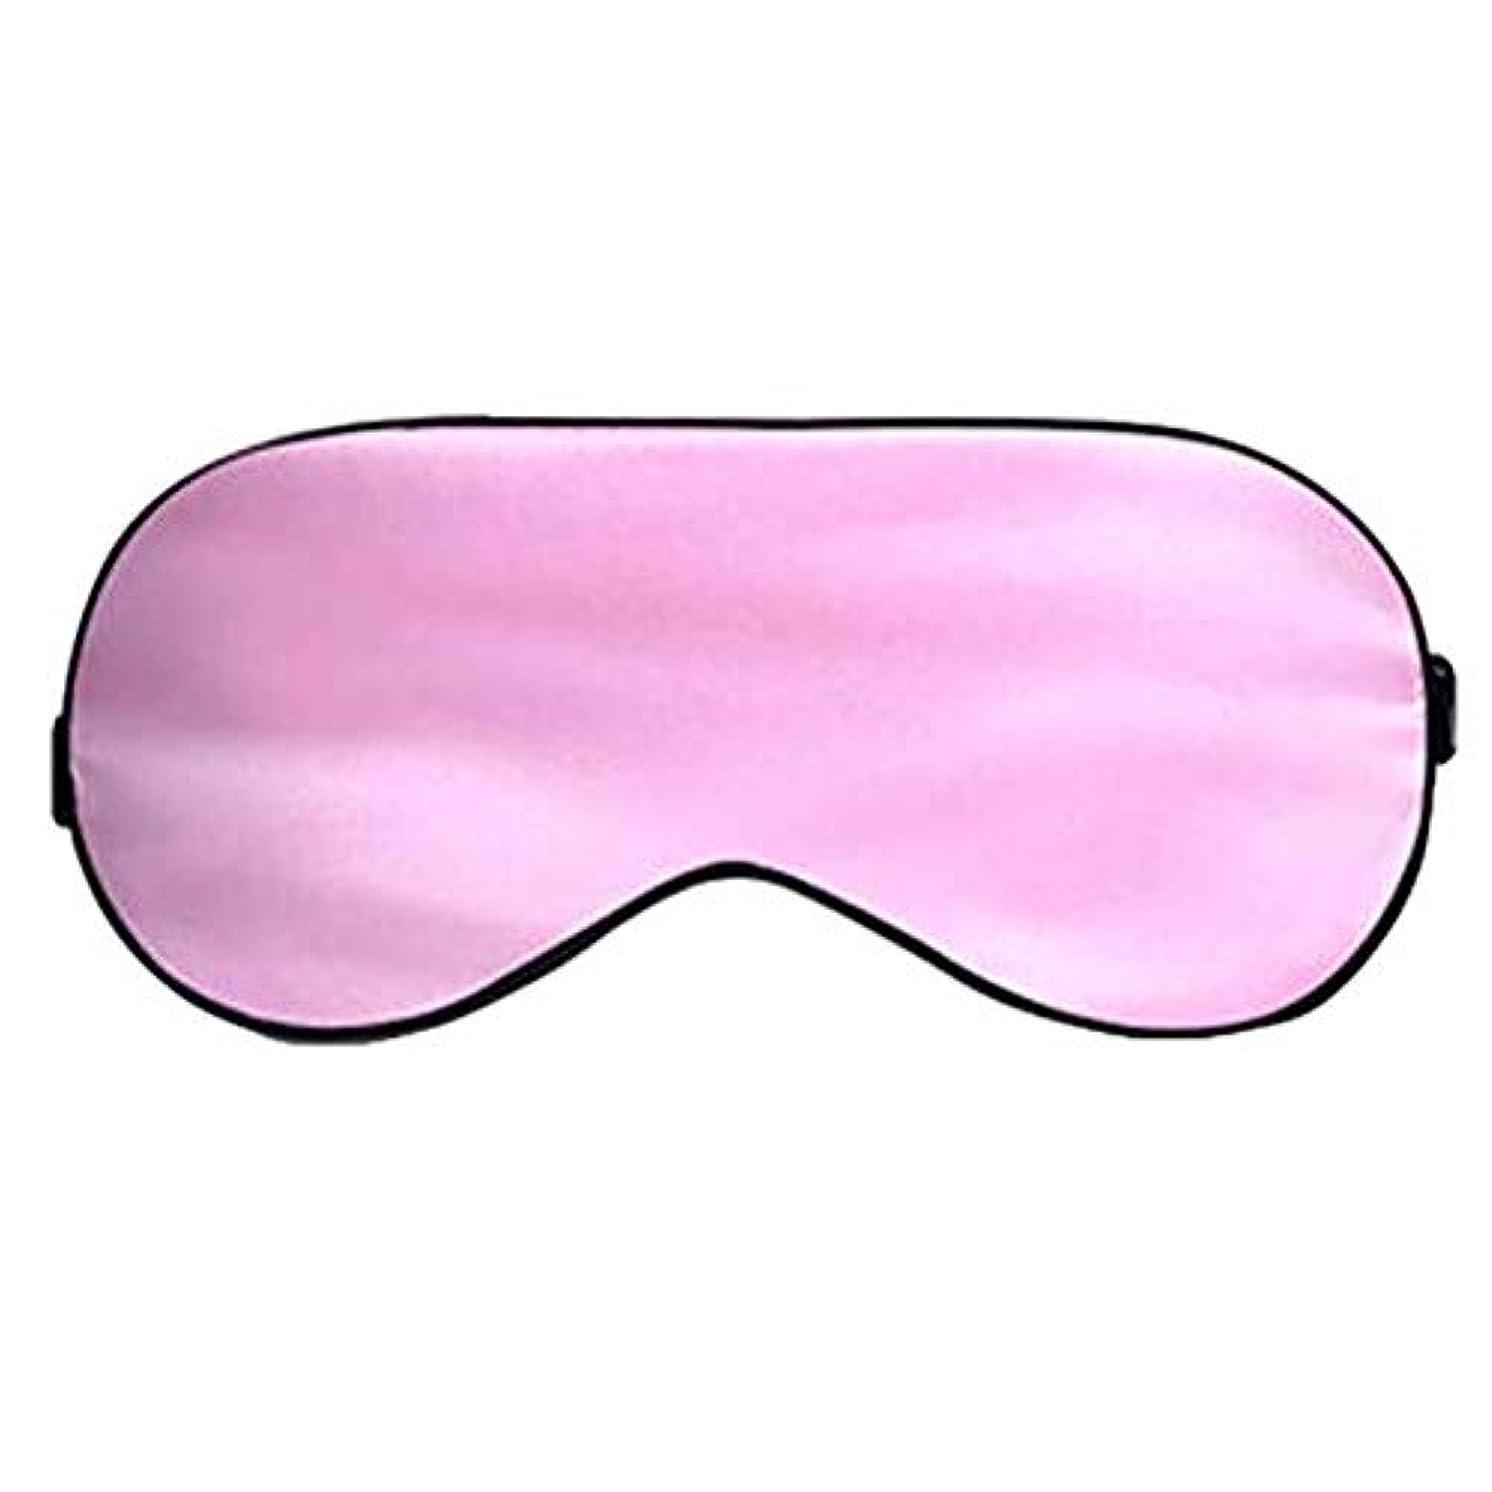 乳白色やけどチケットピンクシルク睡眠アイシェッド睡眠アイマスク睡眠用調節可能なストラップ